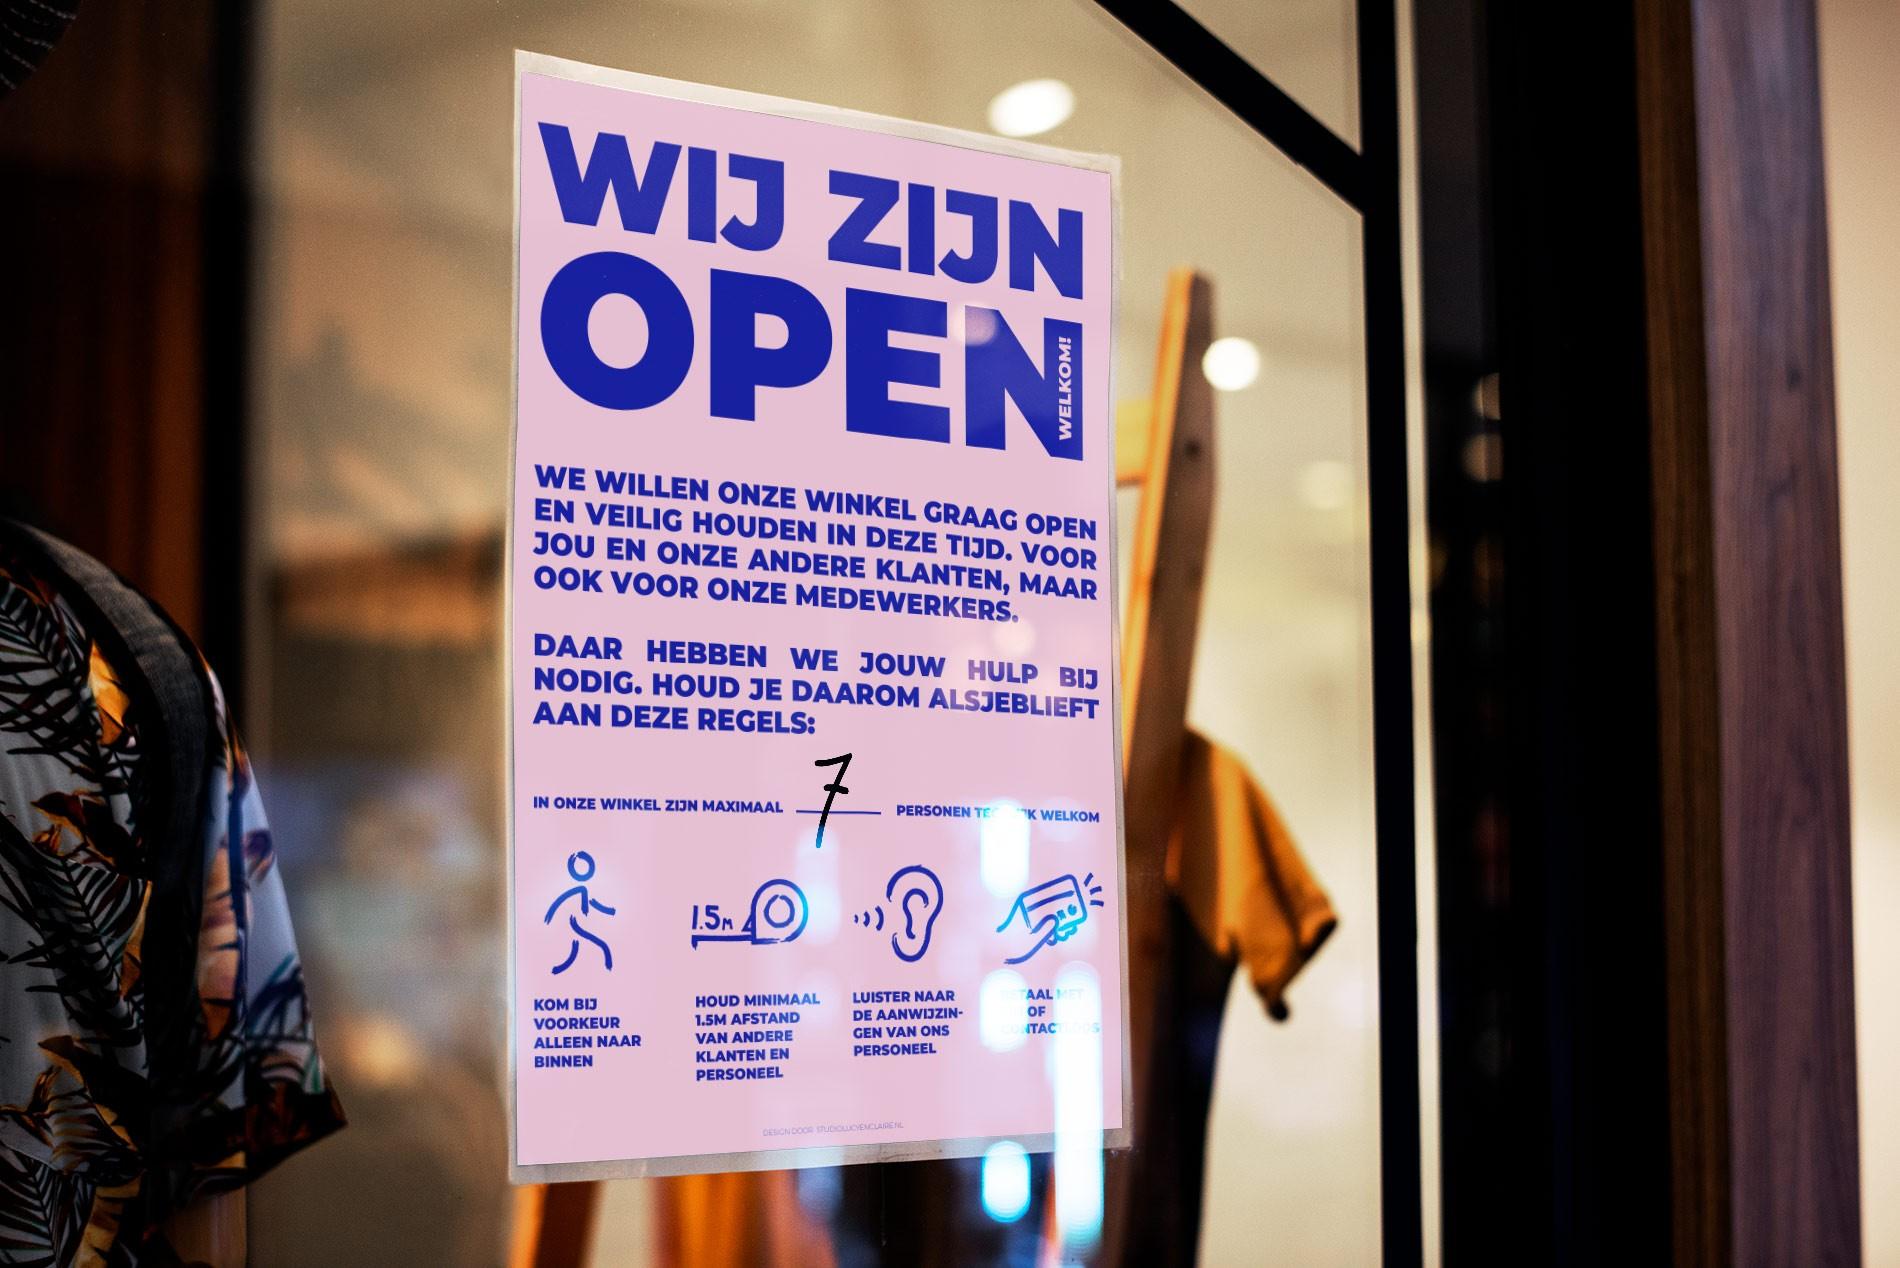 Duidelijke informatie tijdens corona: gratis poster over corona maatregelen voor winkels